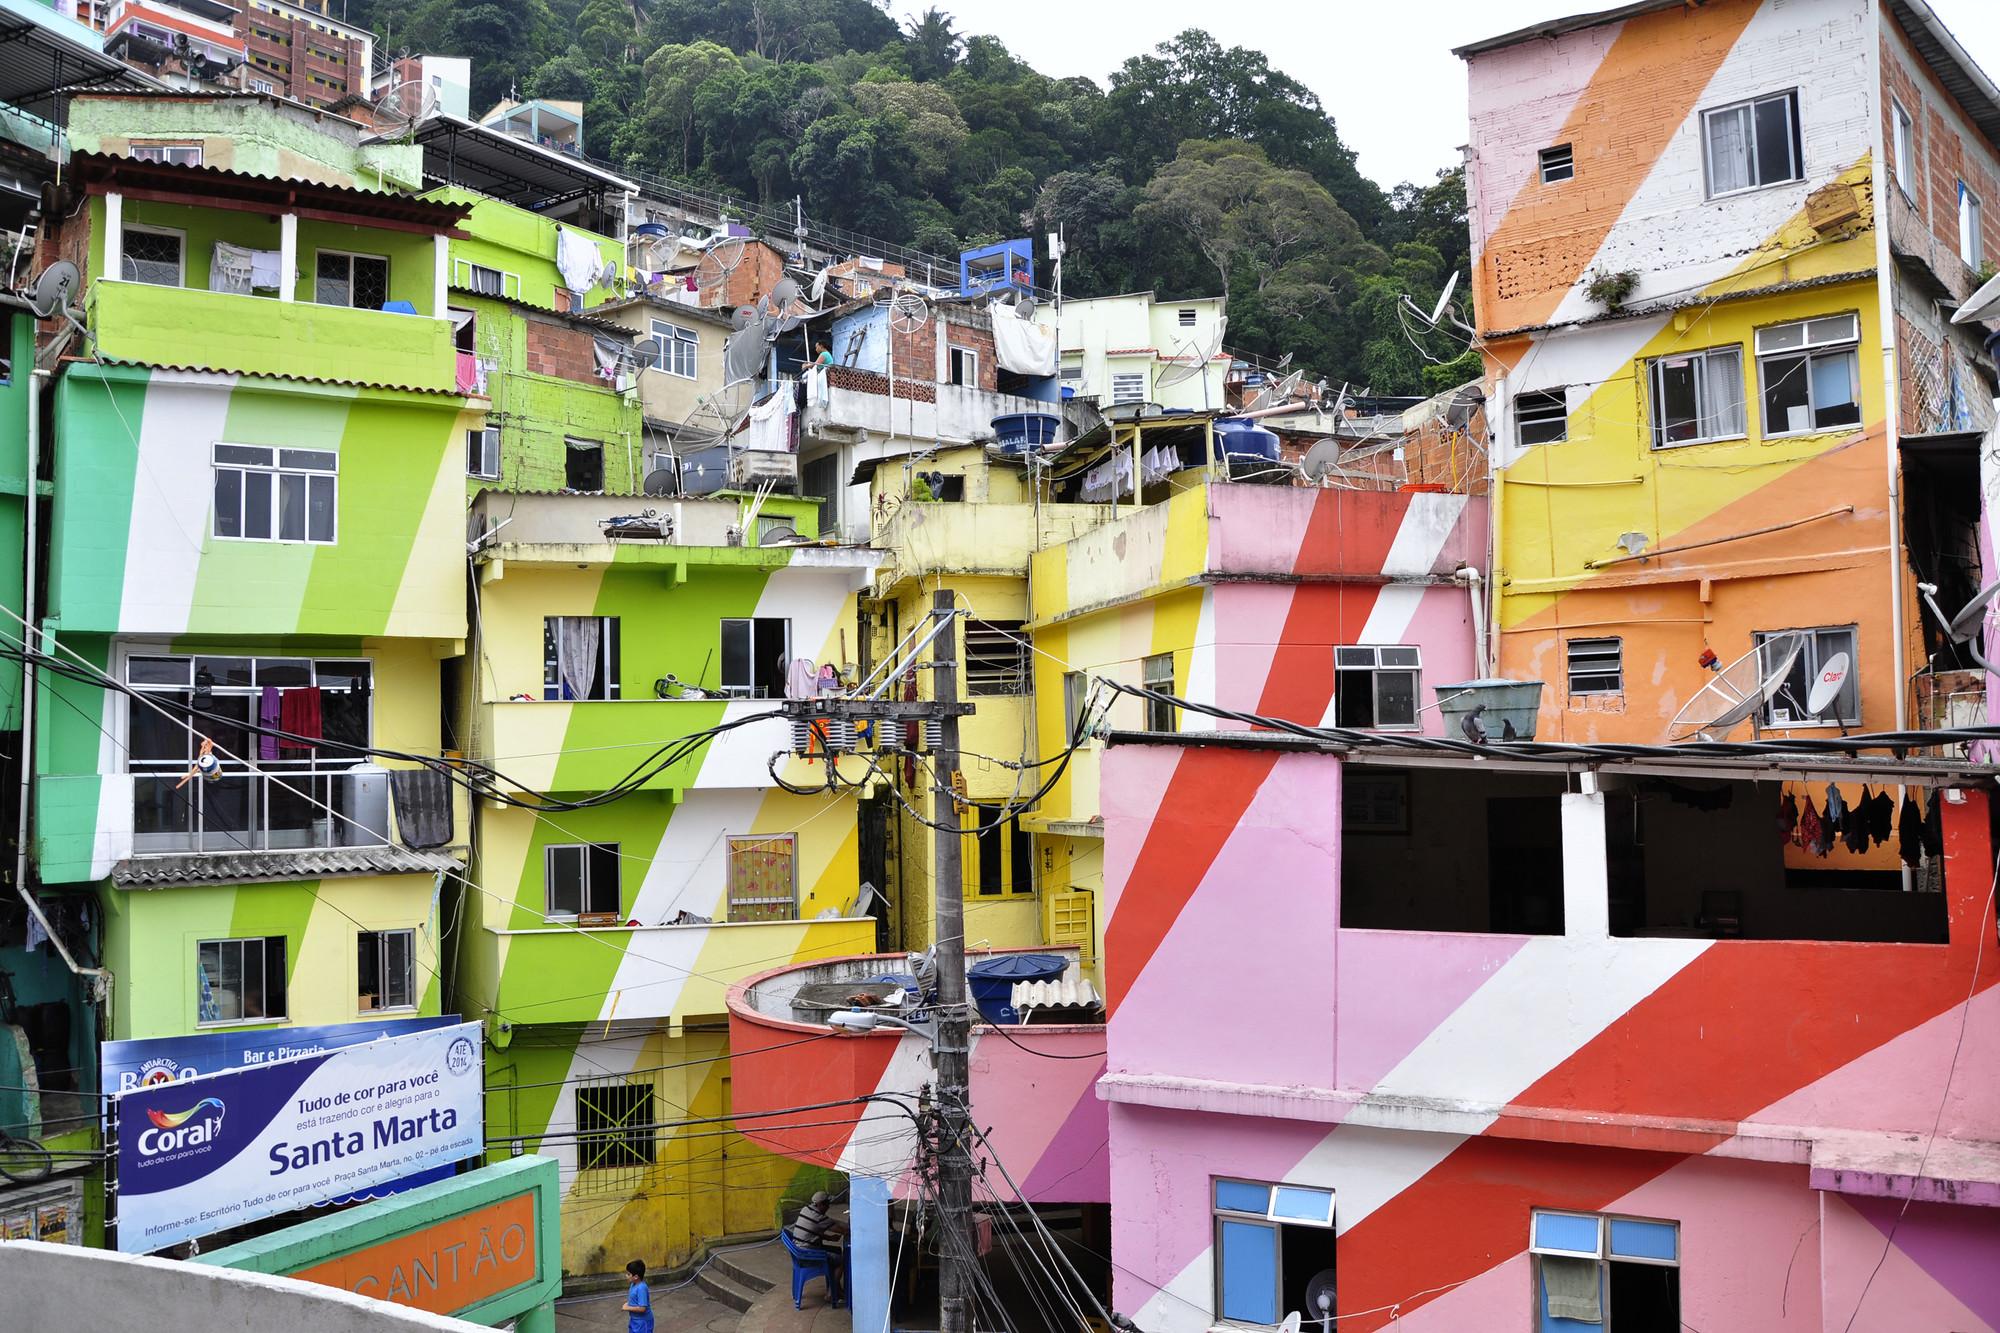 Manual de projetos para incentivar o uso da bicicleta em comunidades do Rio de Janeiro, Santa Marta, Rio de Janeiro. Image © Mariana Gil / EMBARQ Brasil